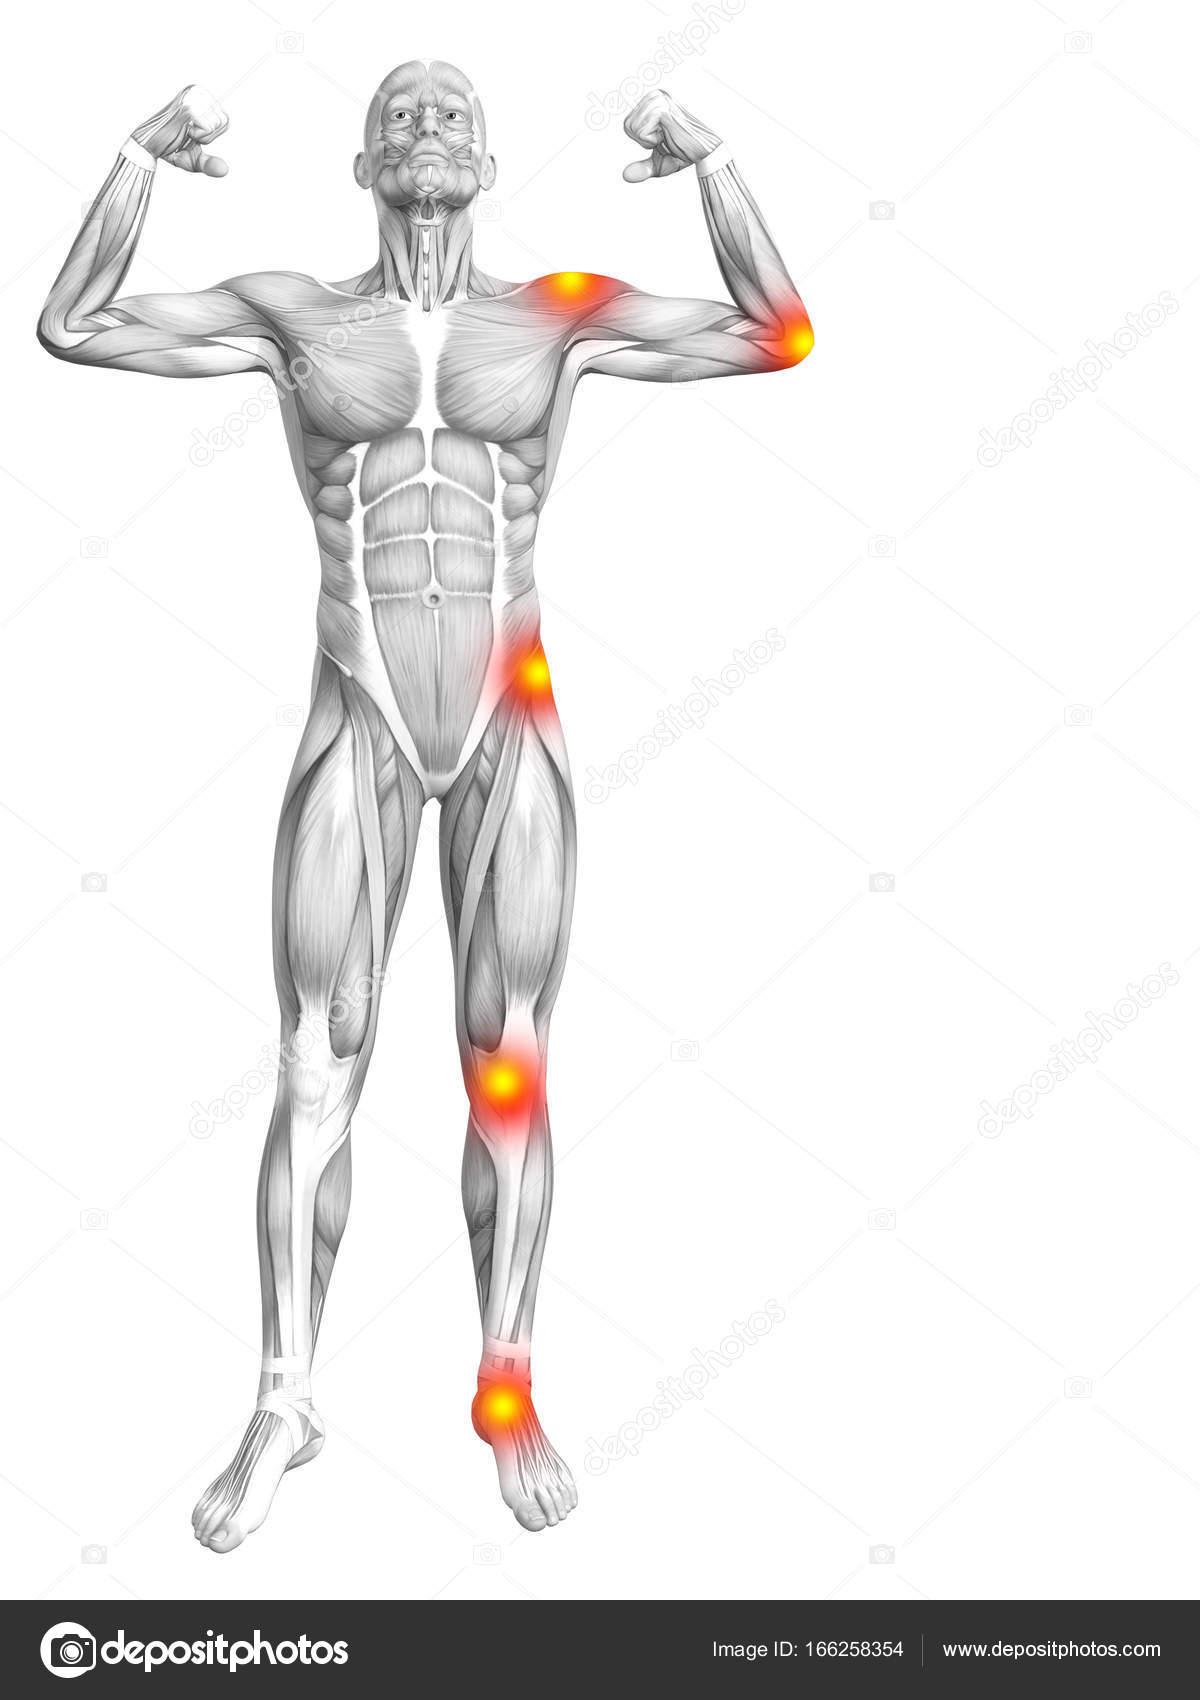 grundlegende menschliche Anatomie — Stockfoto © design36 #166258354